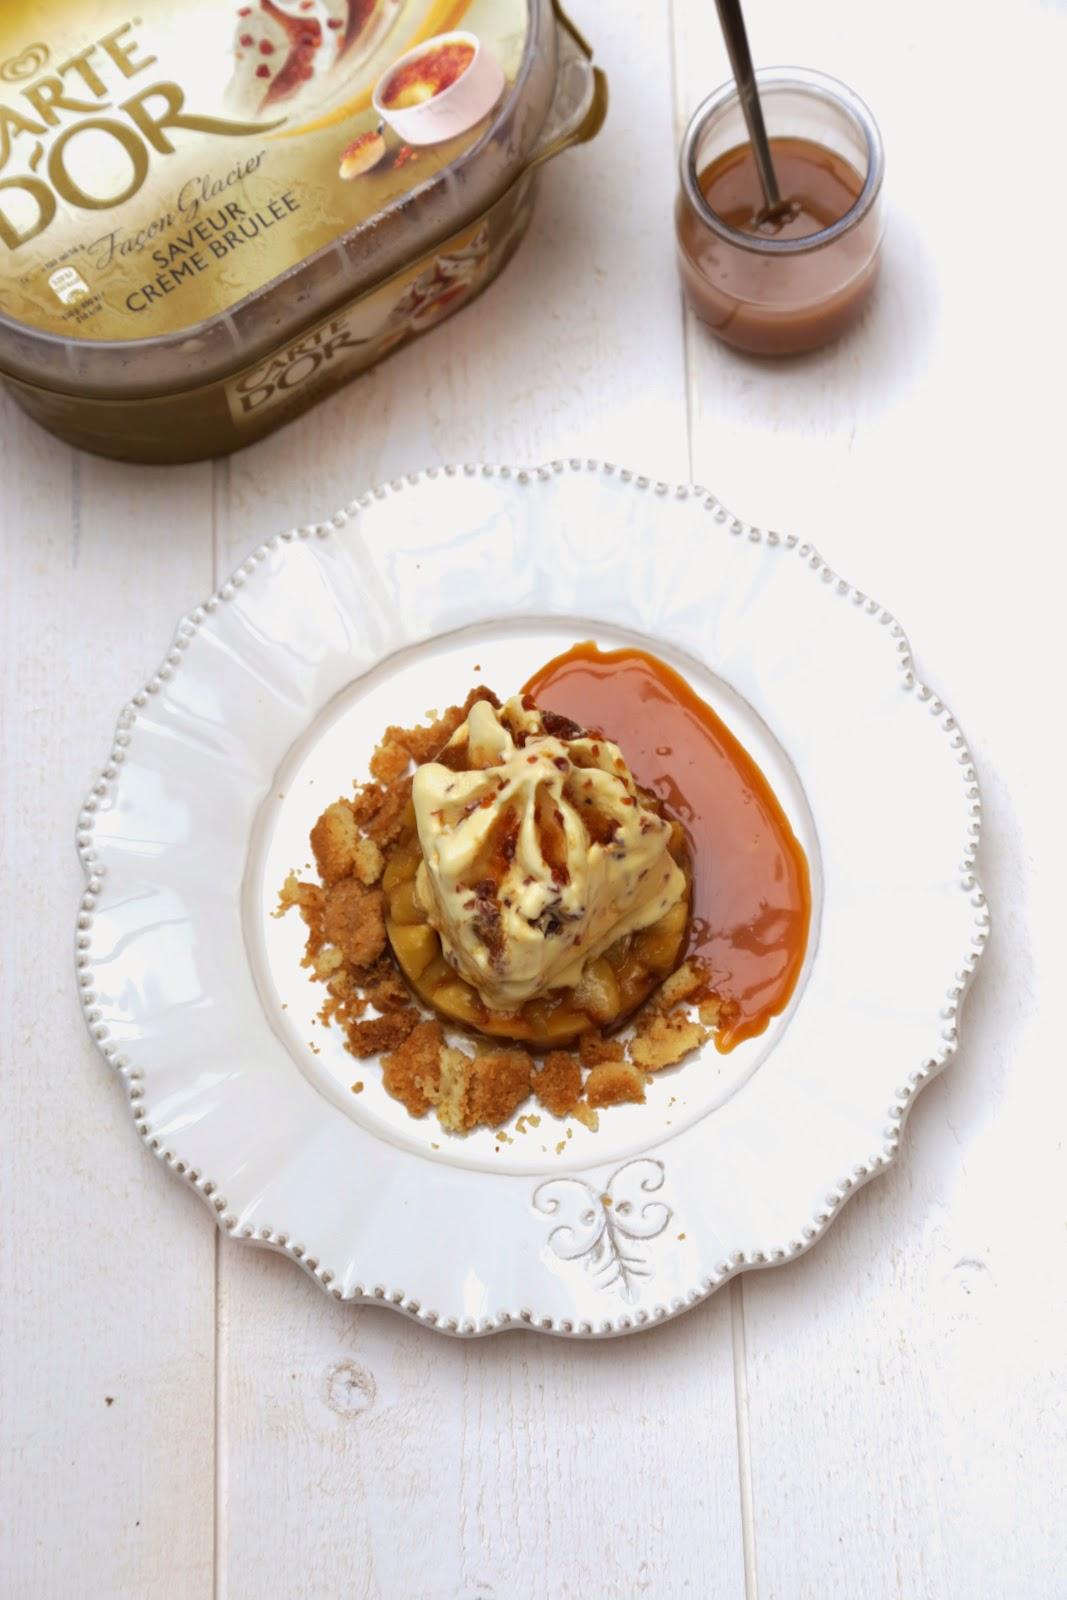 Tatin de pommes, coulis de caramel au beurre salé, Crème Glacée Carte d'Or Façon Glacier Saveur crème brûlée